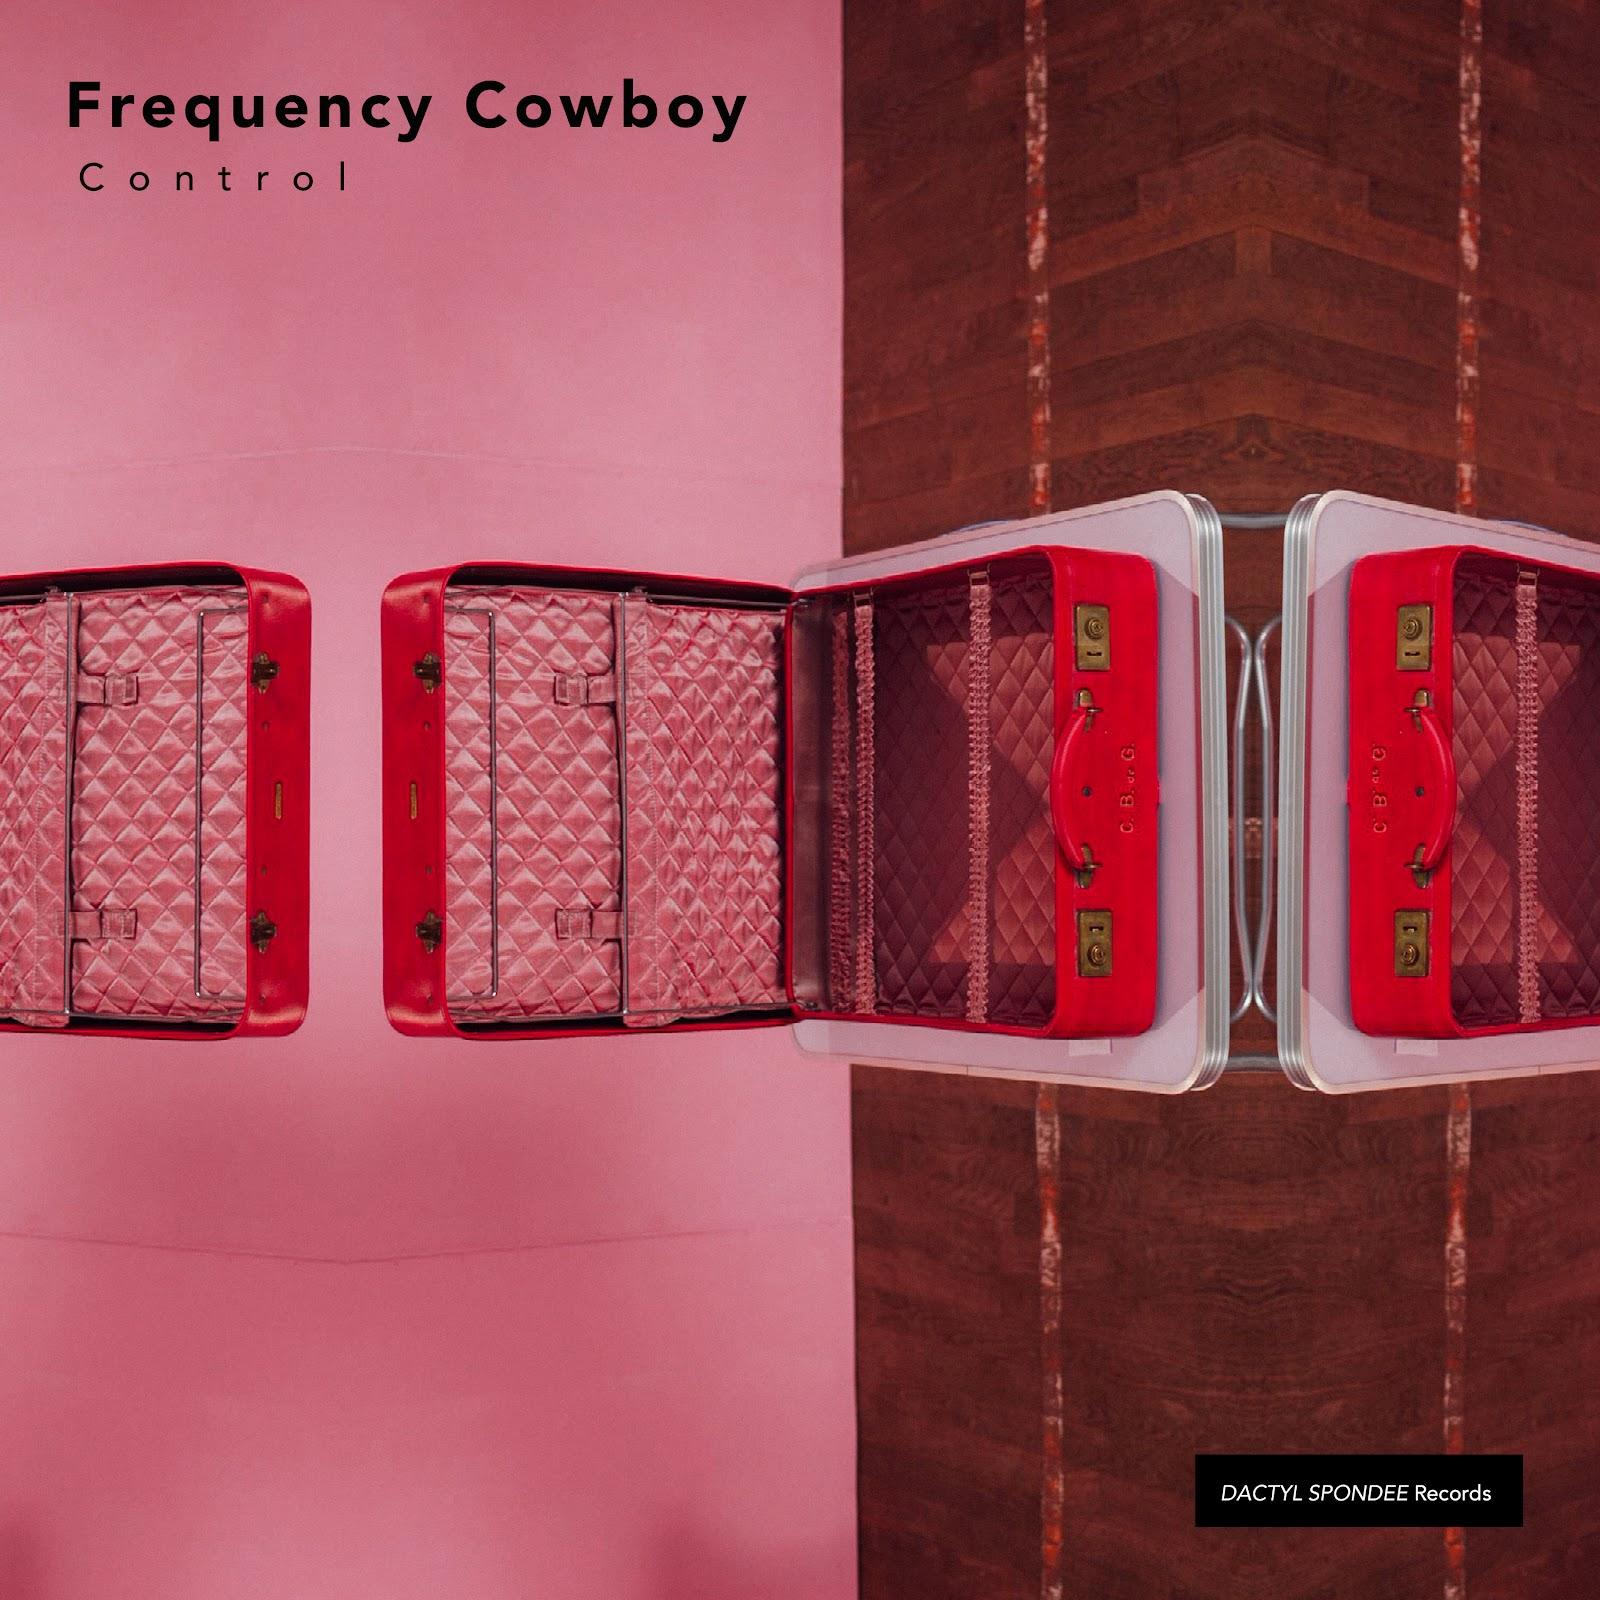 Frequency_Cowboy_Control_FINAL2 (1).jpg